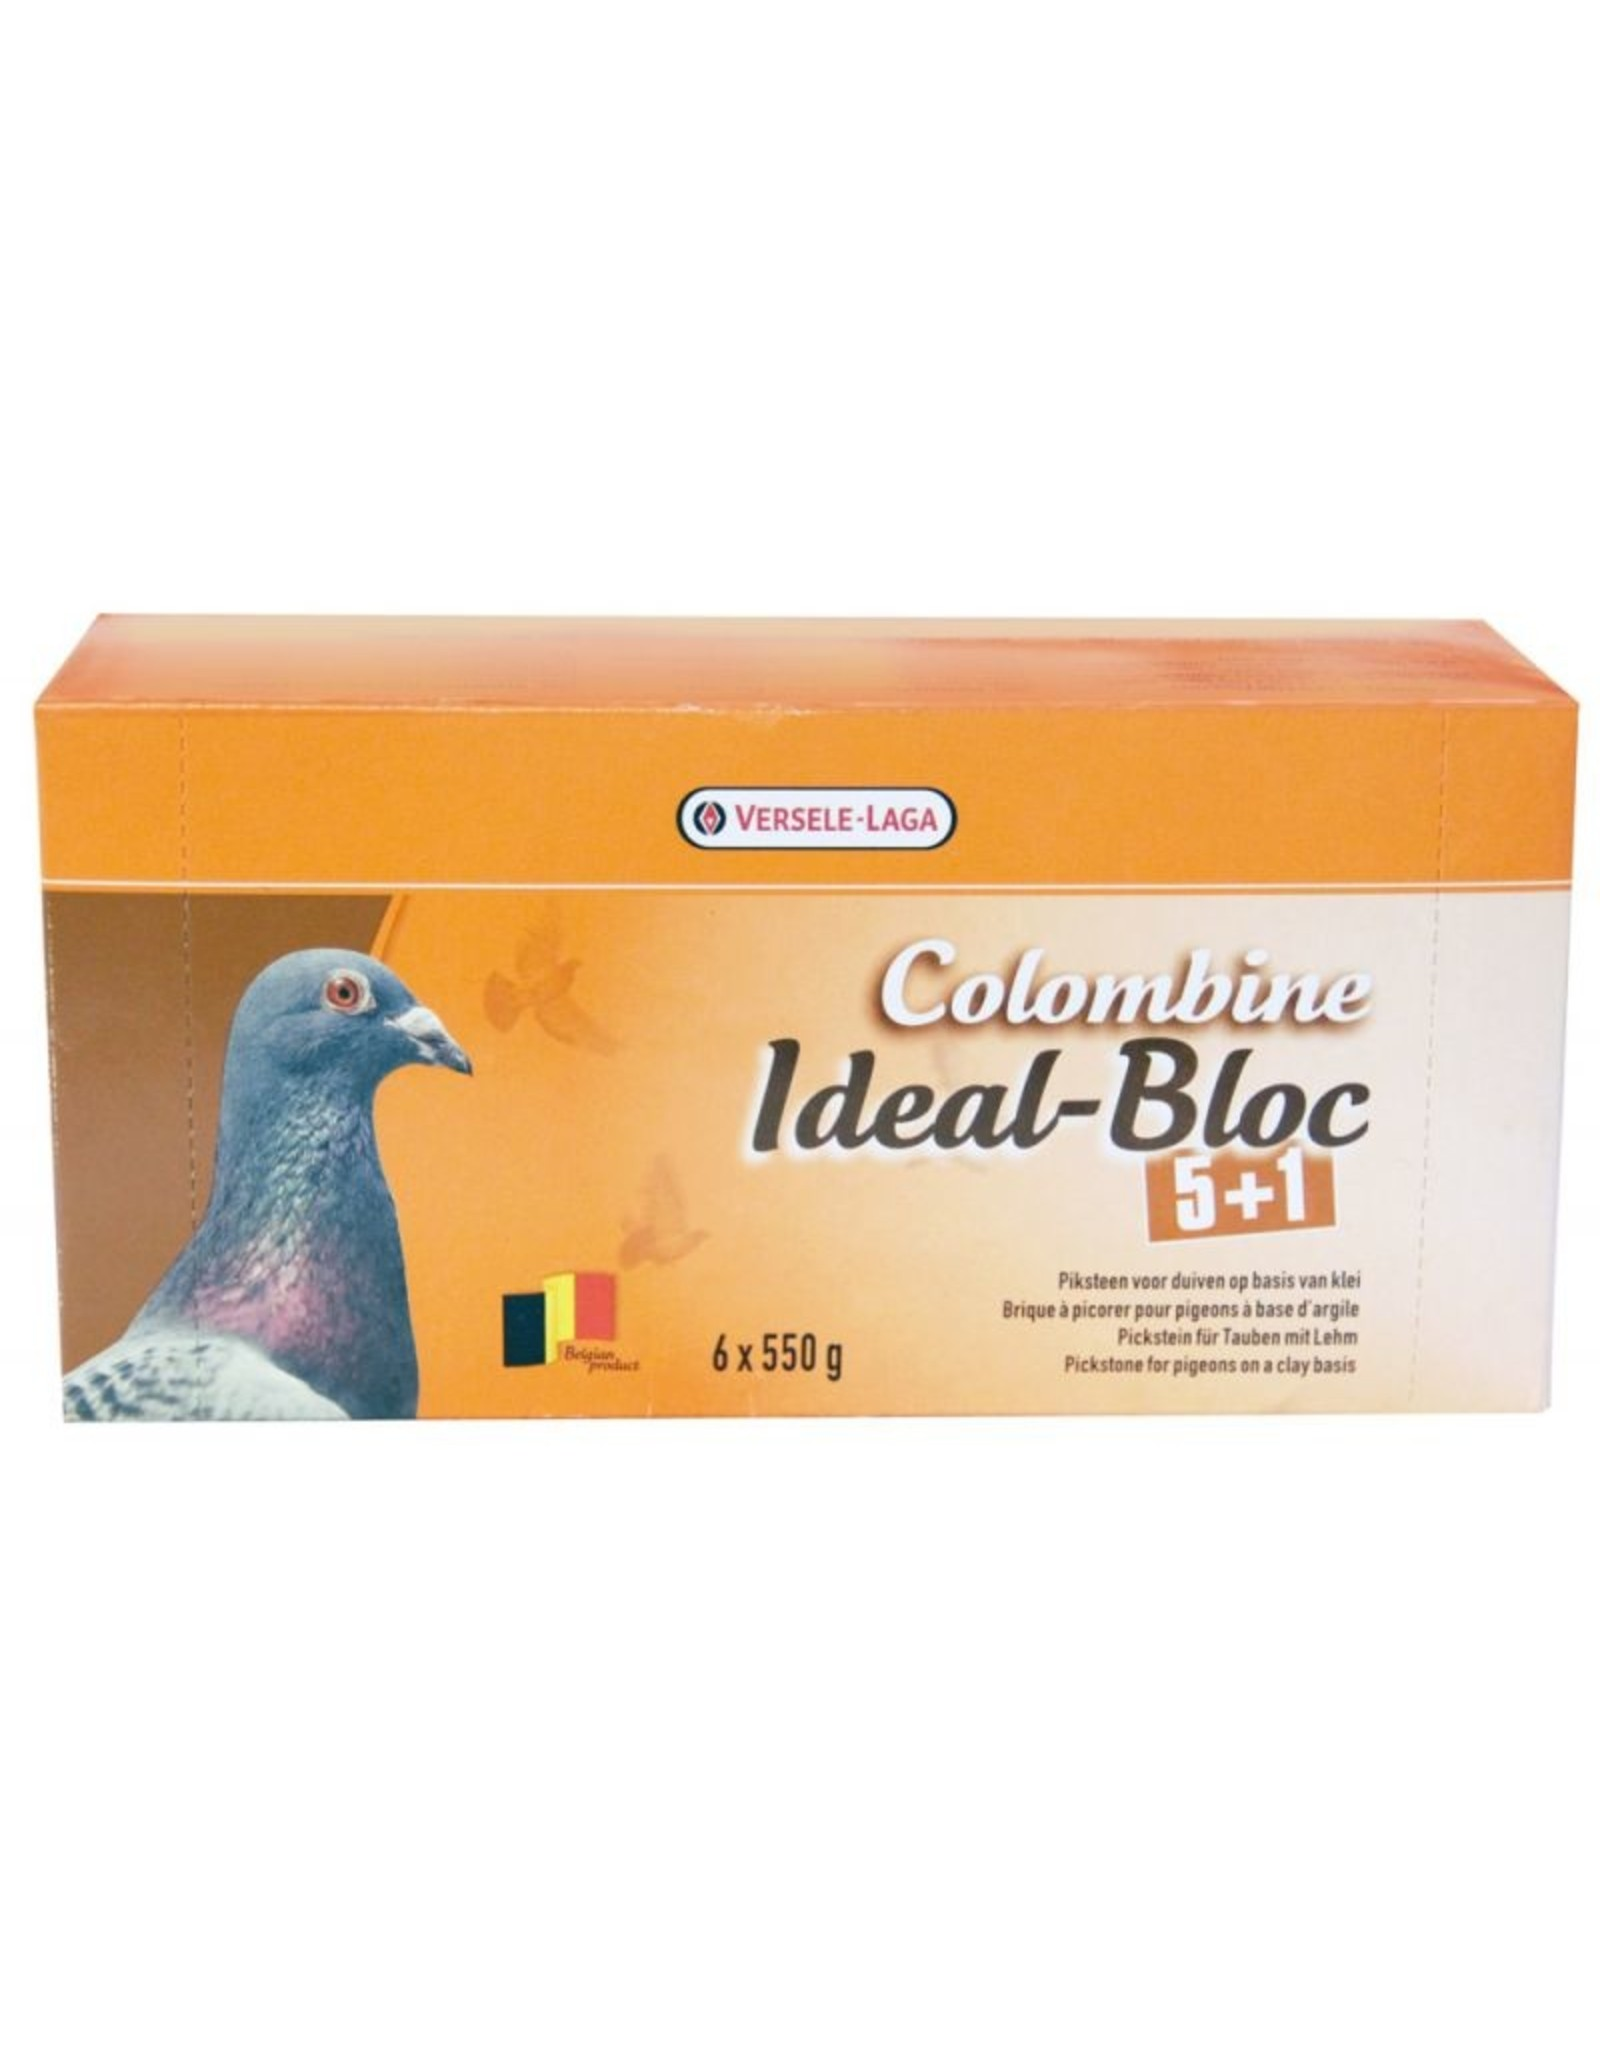 Colombine Ideal Bloc 5+1 - 6 st